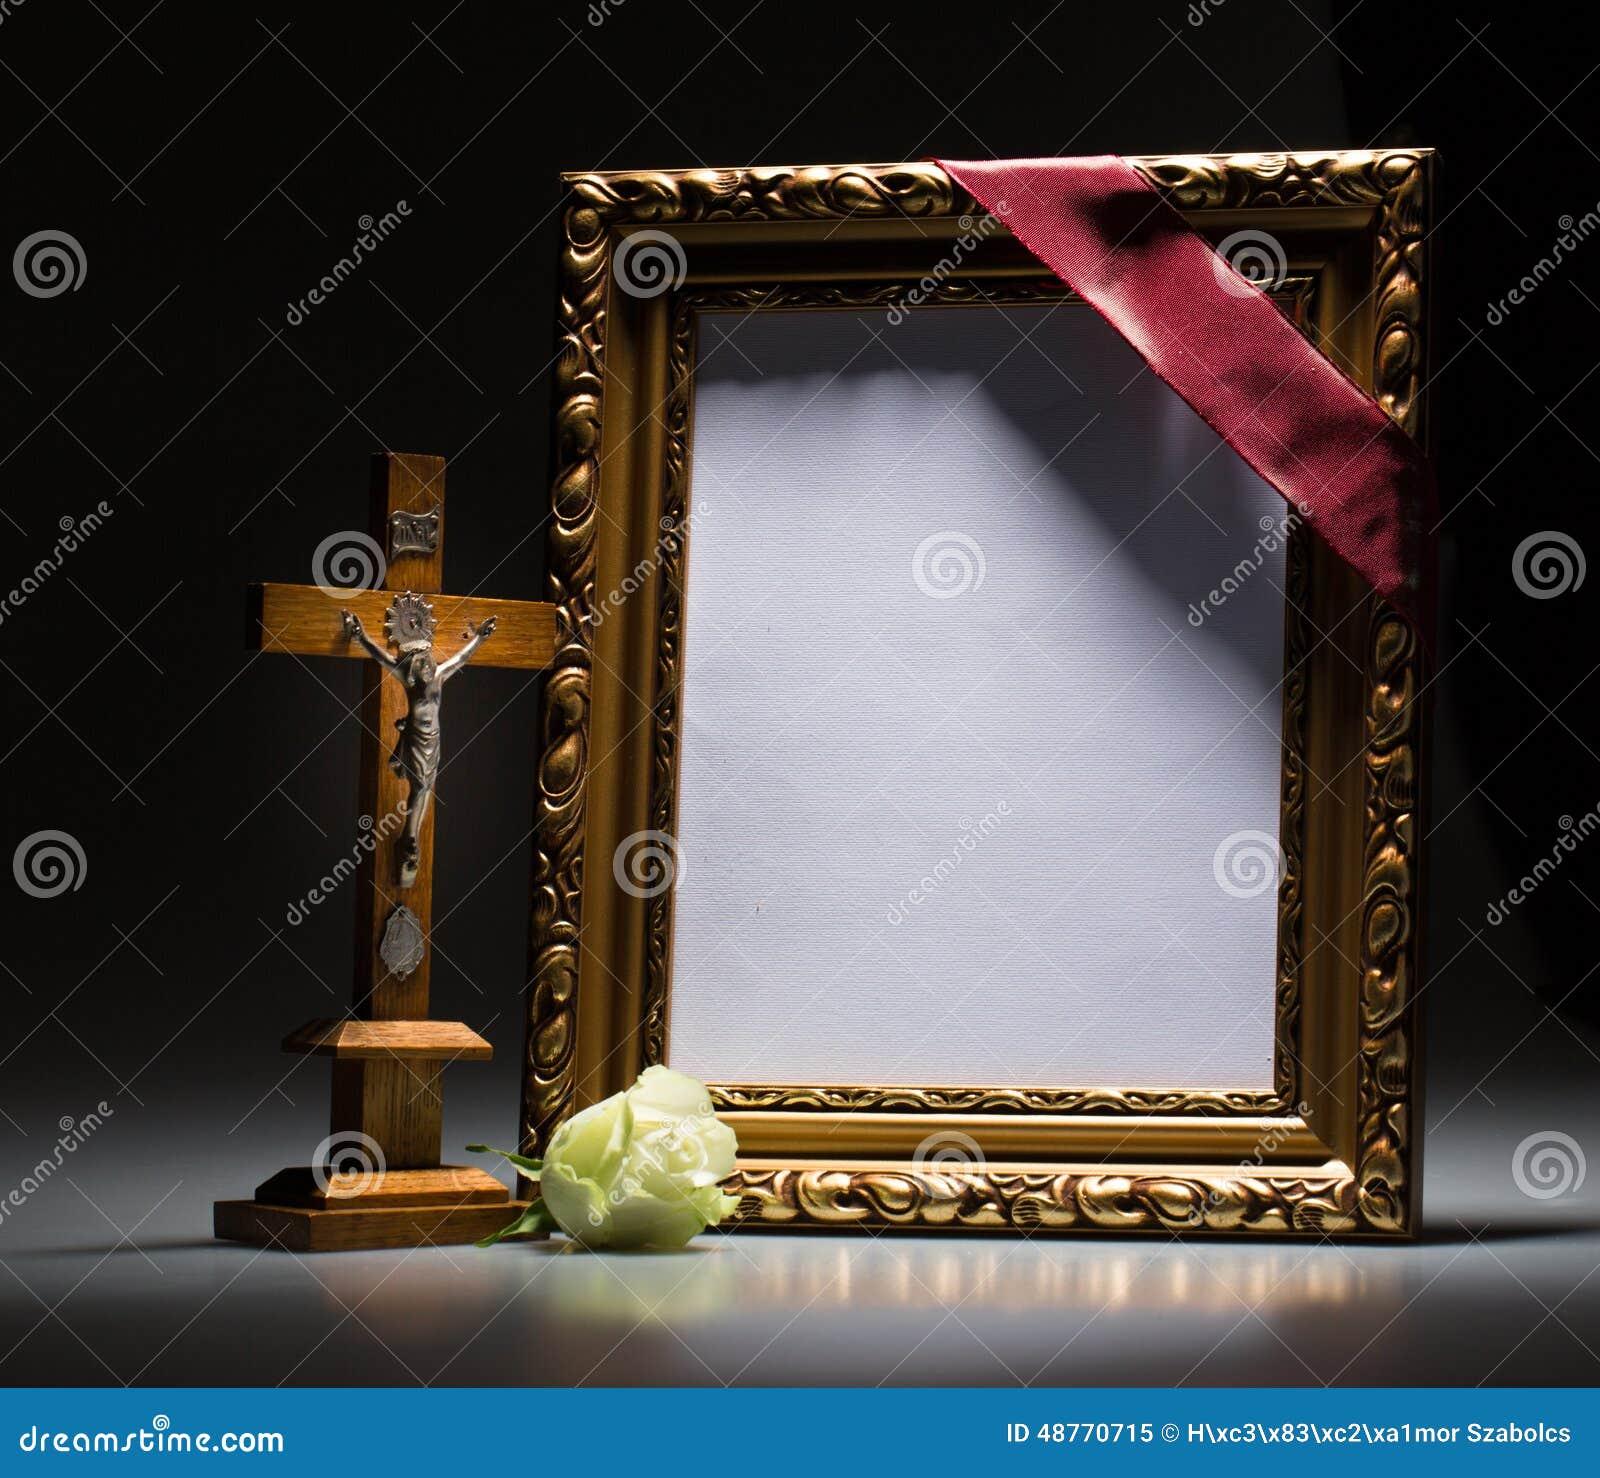 Как сделать траурную рамку к фото 150